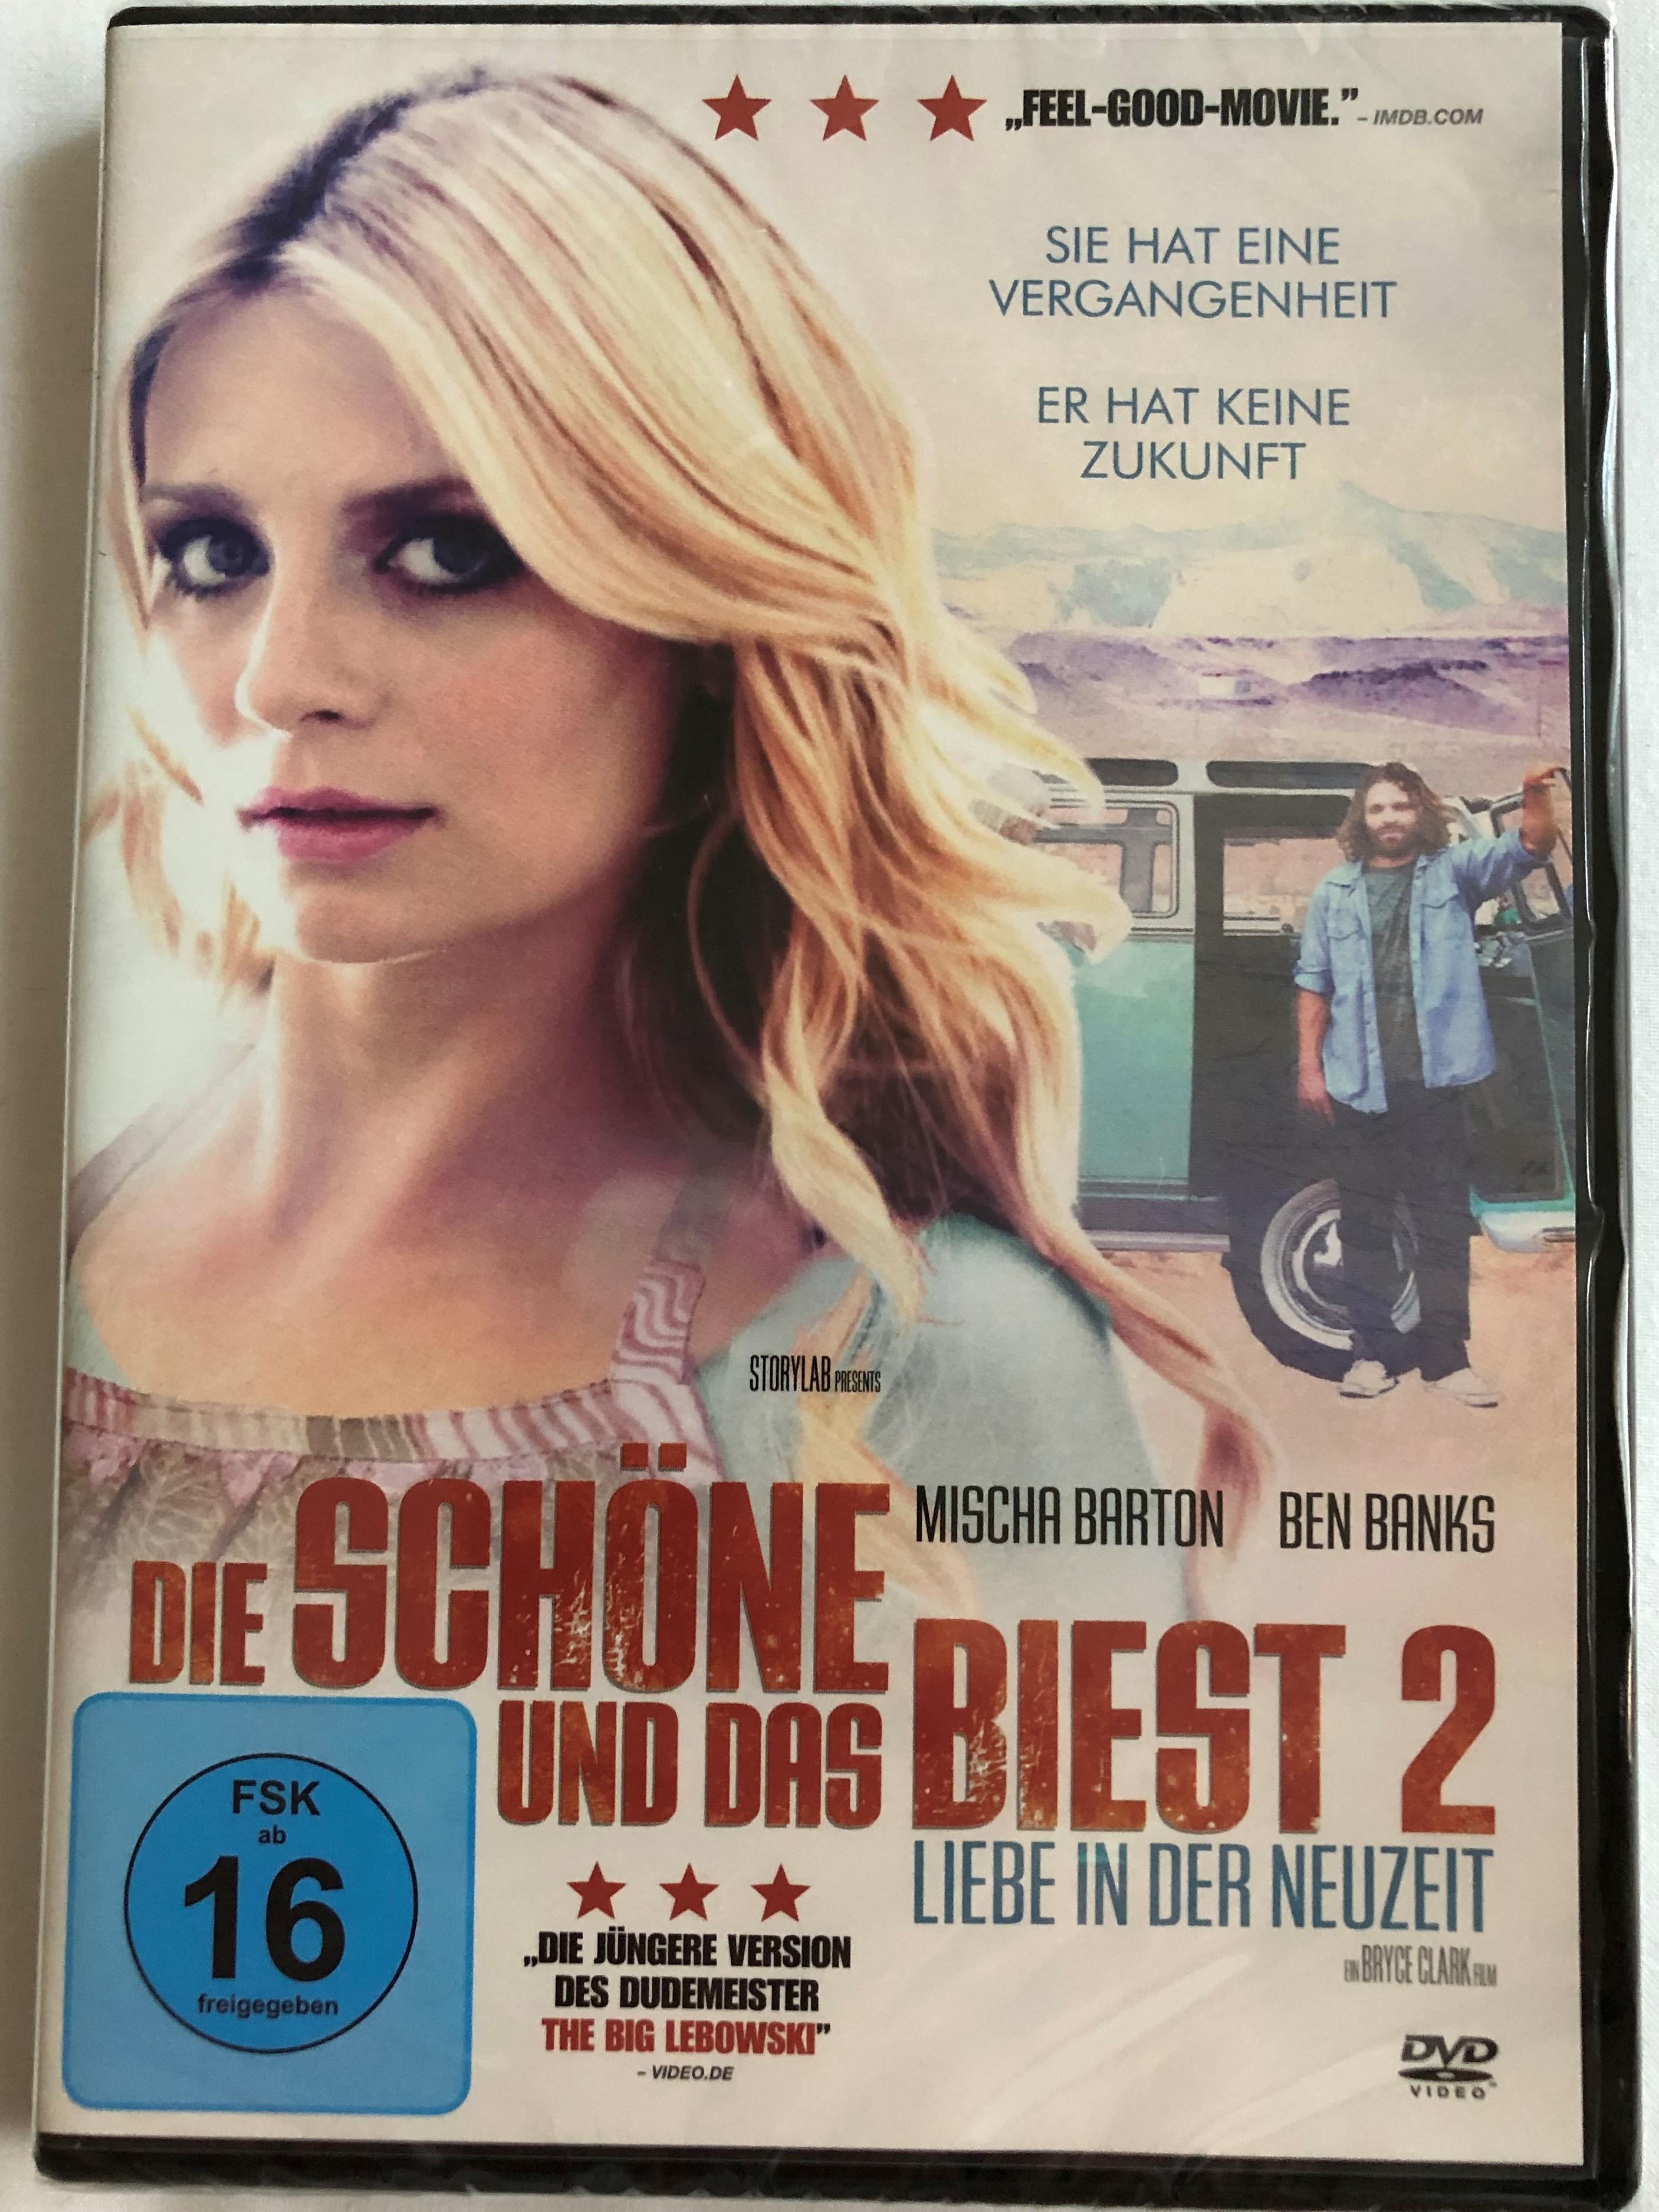 die-sch-ne-und-das-biest-2-liebe-in-der-neuzeit-dvd-2013-beauty-and-the-least-the-misadventures-of-ben-banks-directed-by-bryce-clark-starring-mischa-barton-ben-banks-melora-hardin-1-.jpg